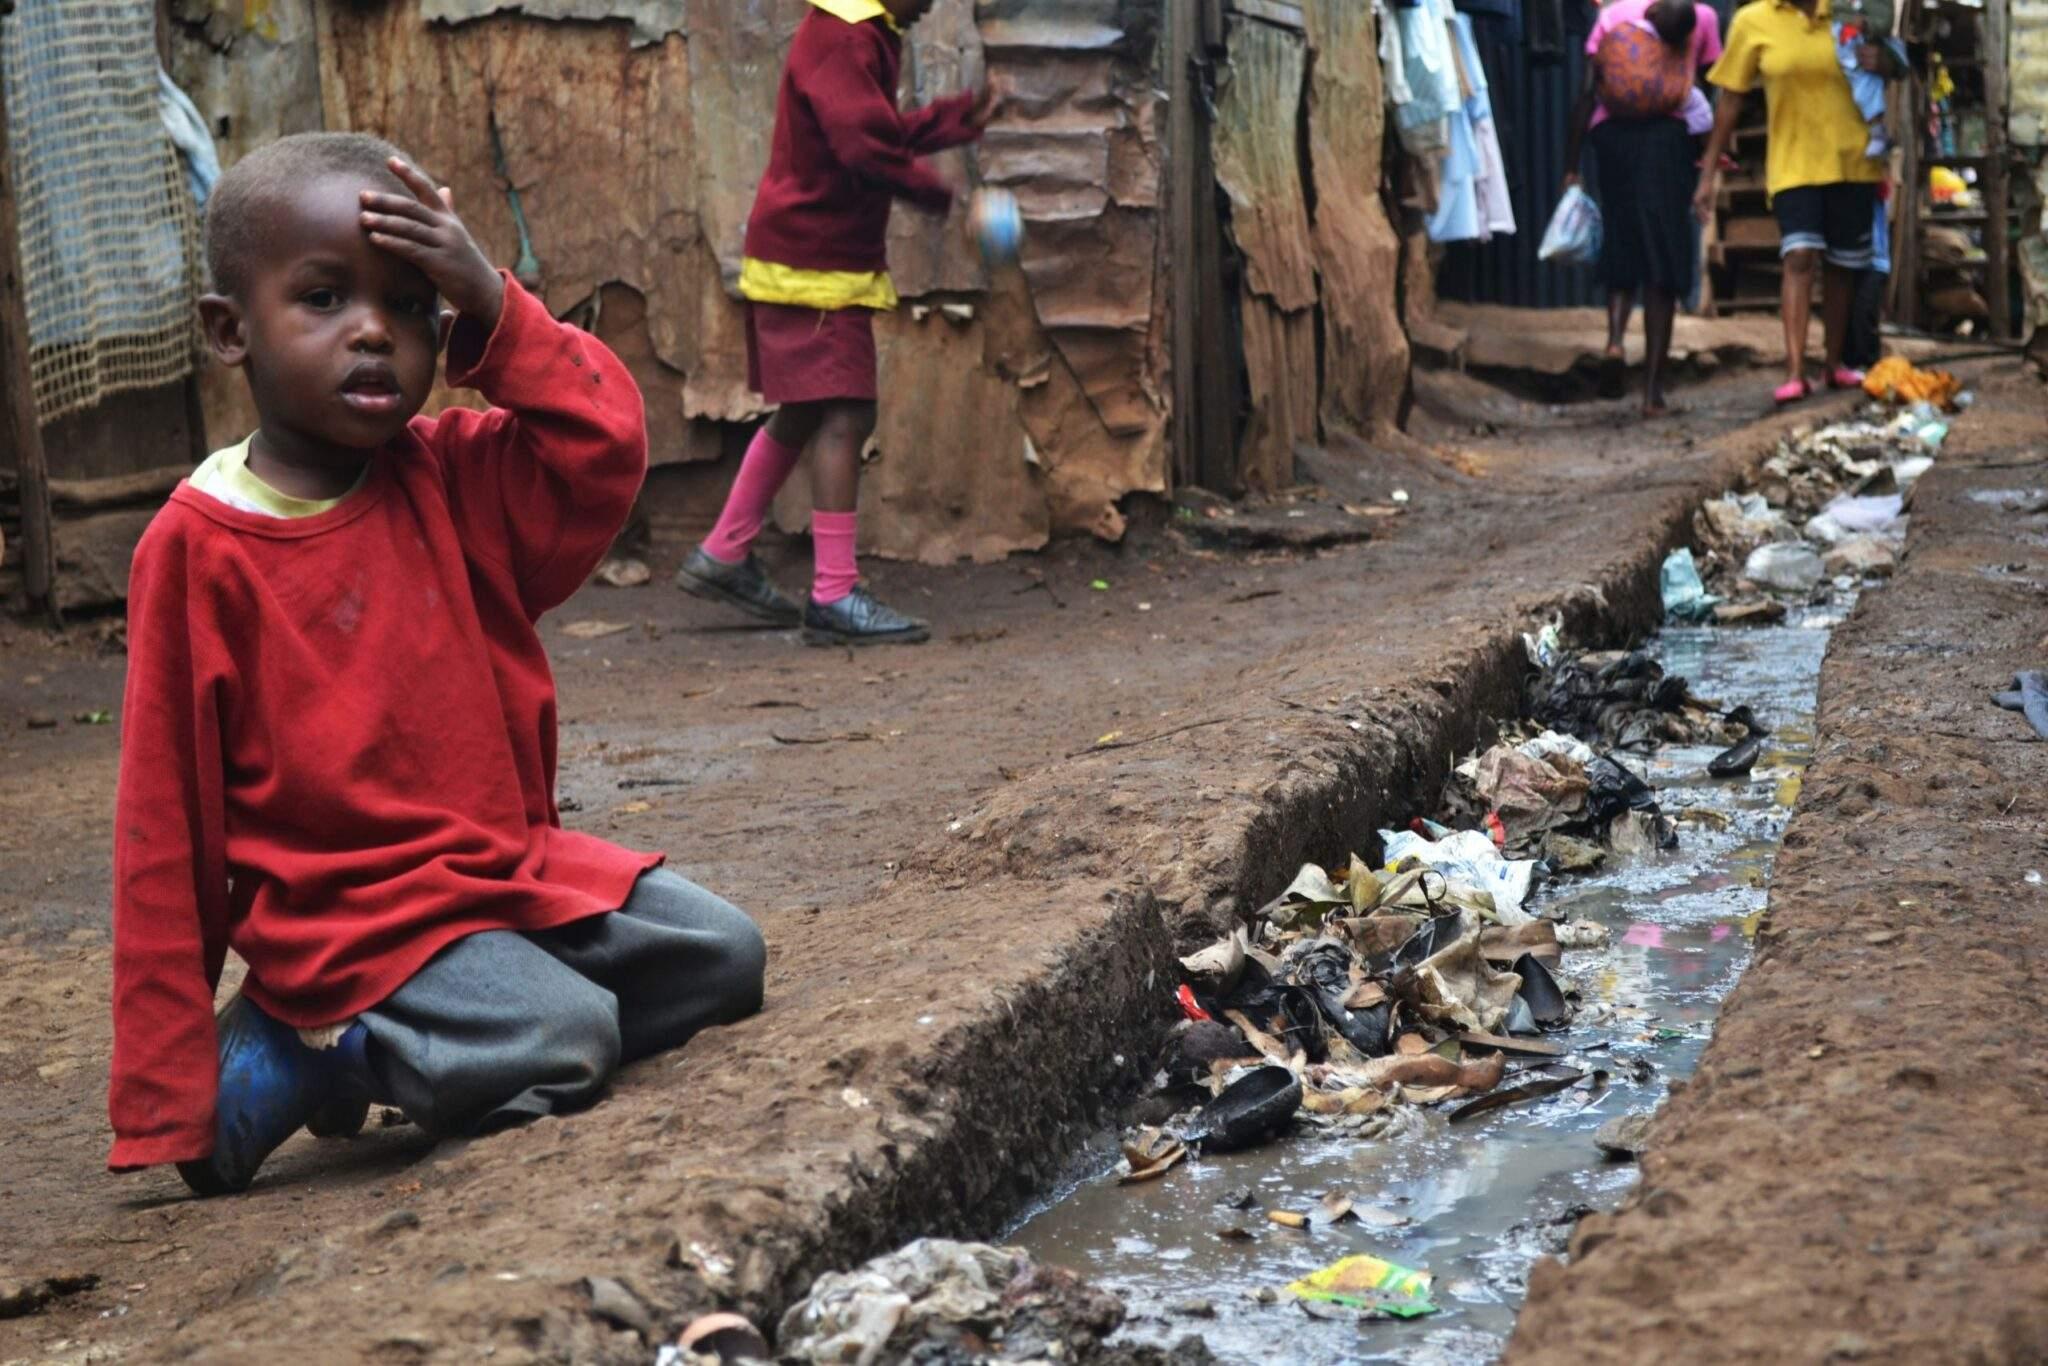 La France accusée par un grand pays Européen de maintenir l'Afrique dans un cycle infernal de pauvreté (VIDEO)